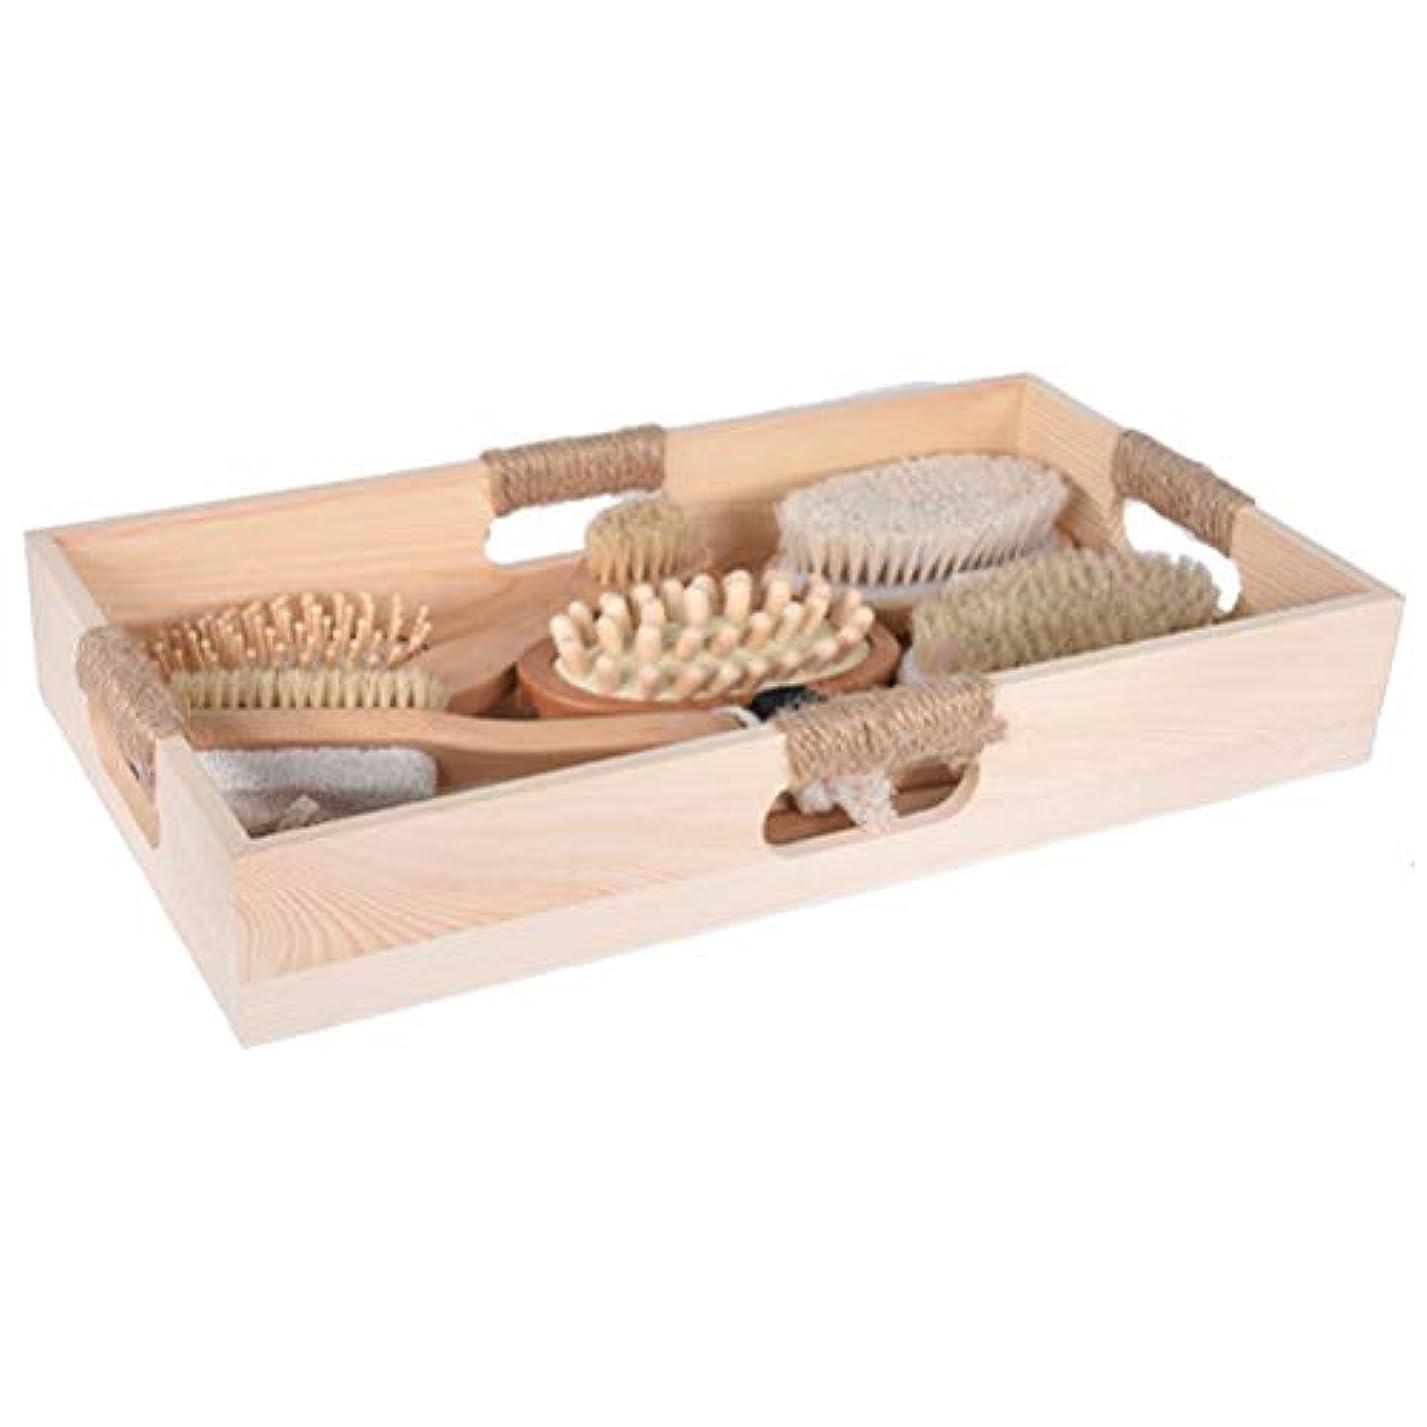 見落とす研究メンターHealifty 6ピース入浴ボディブラシマッサージブラシ木製ハンドルセルライトマッサージフットファイルブラシヘアマッサージ櫛で収納トレイ